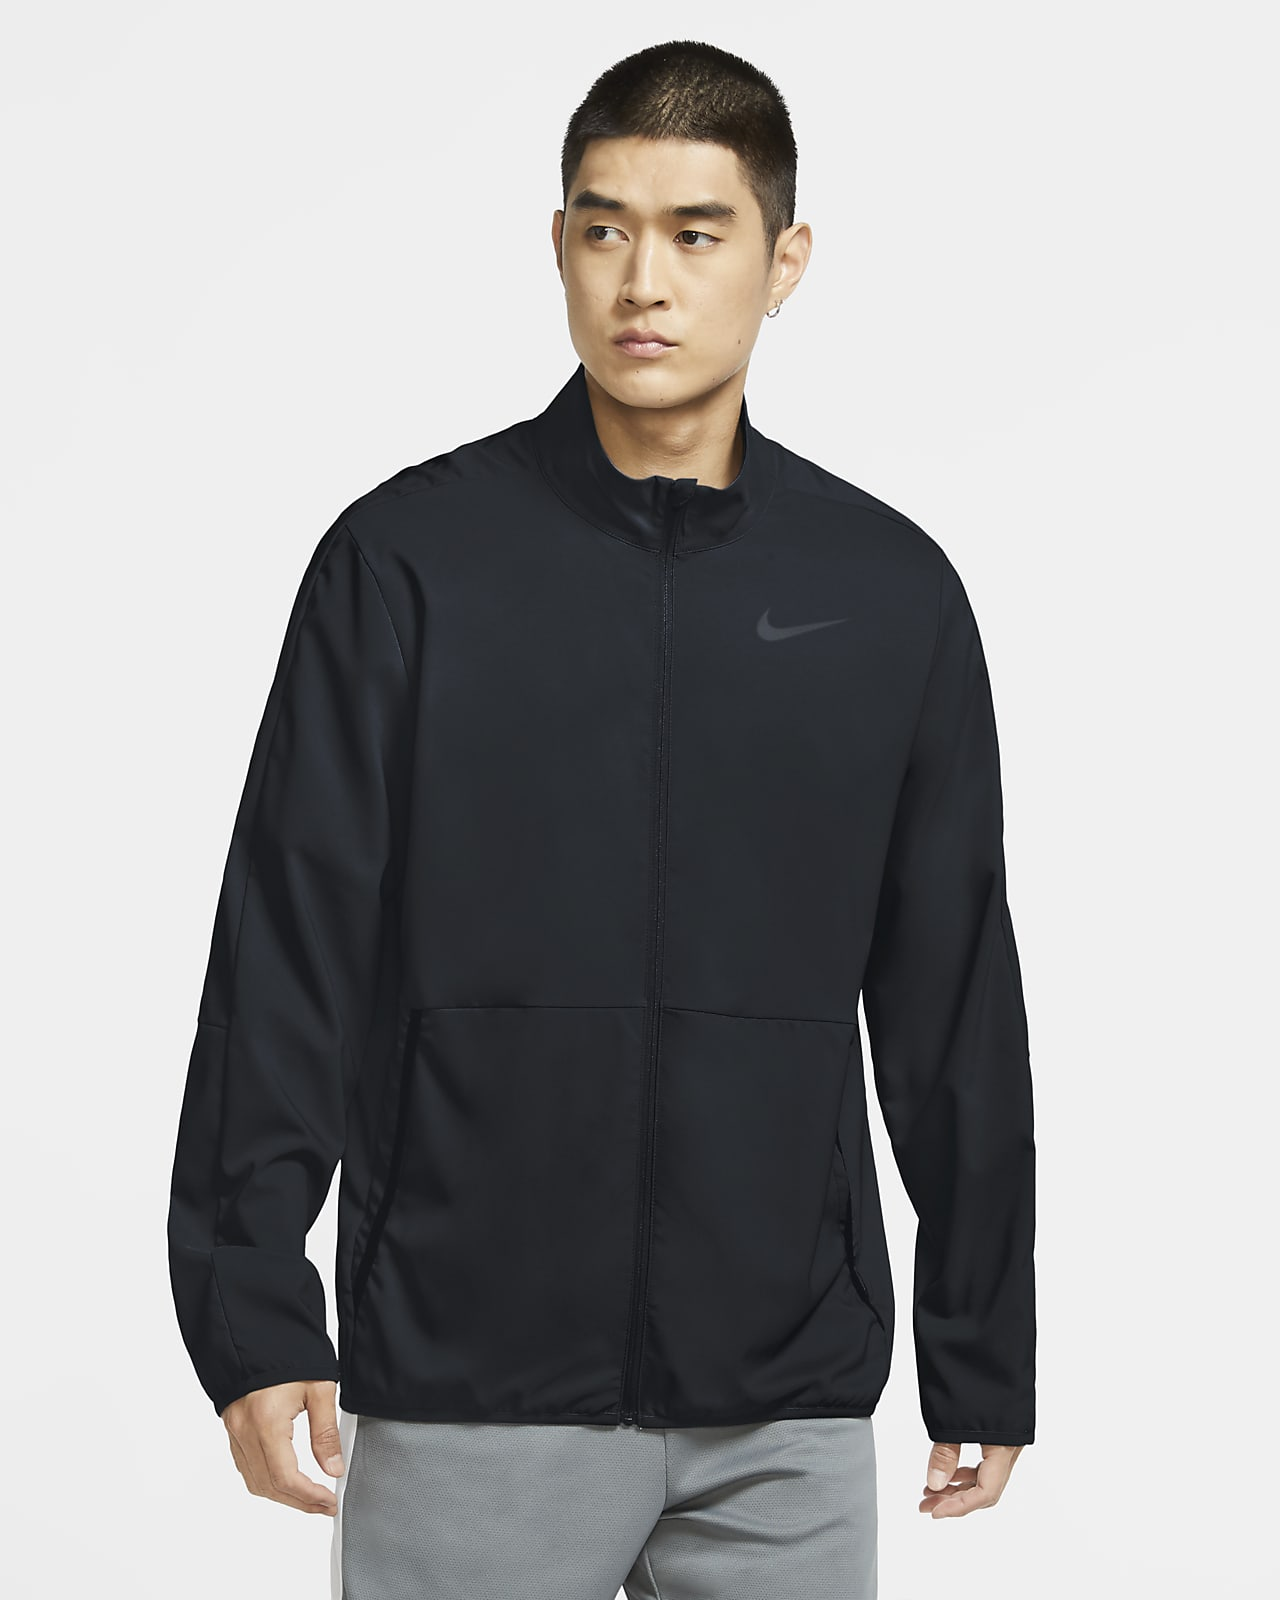 Veste de training tissée Nike Dri-FIT pour Homme